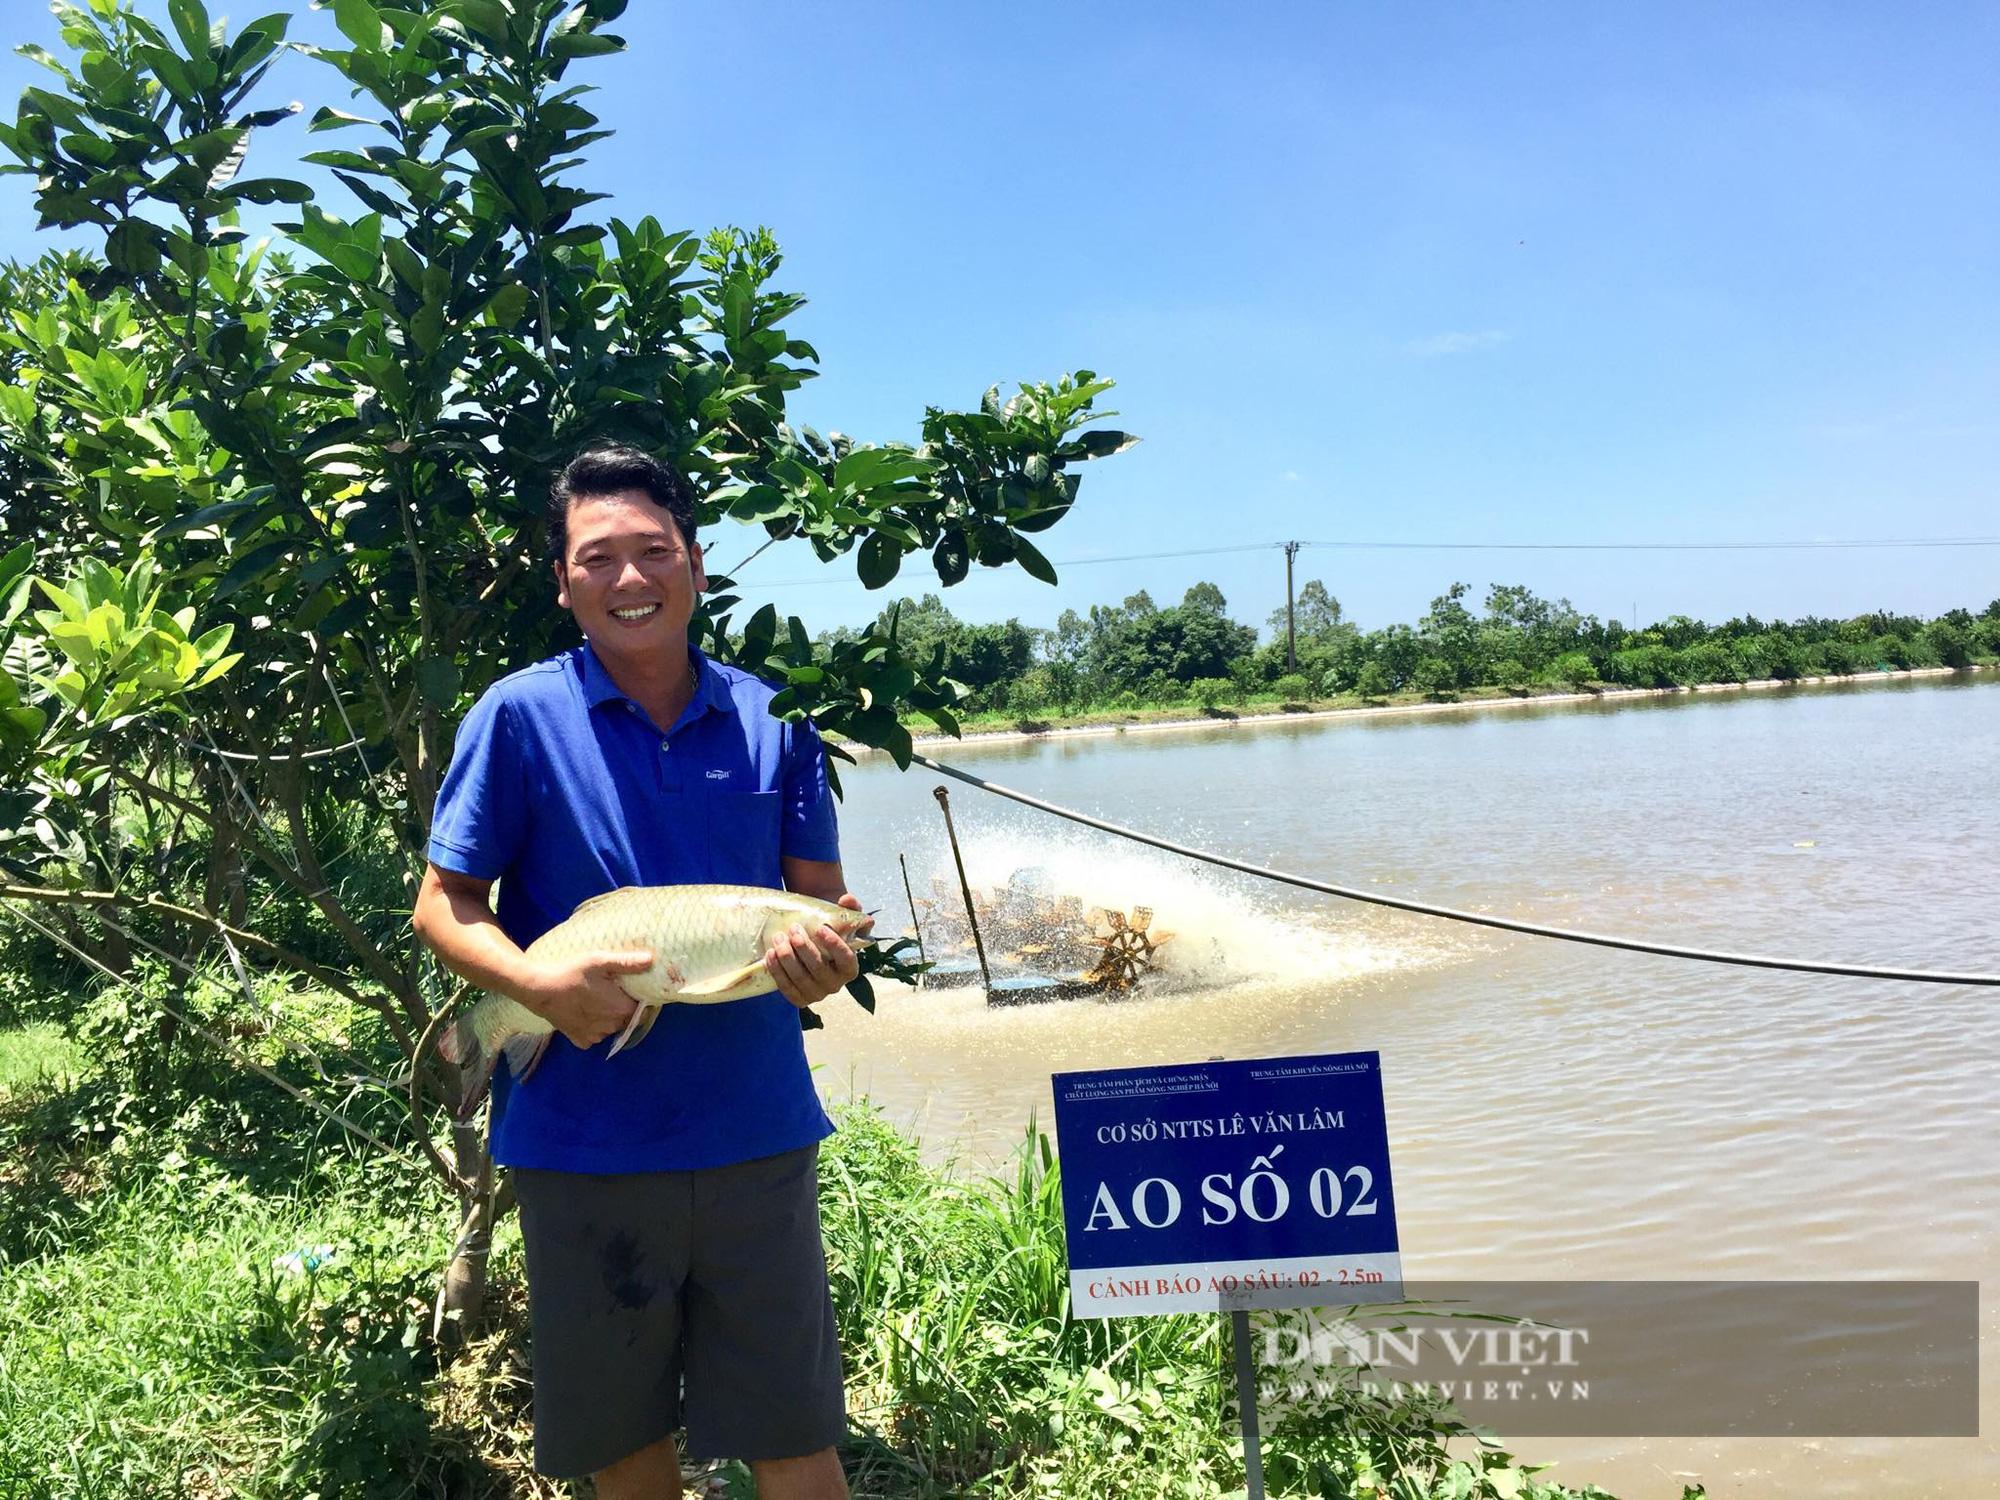 Hà Nội: Anh nông dân nuôi toàn con cá to bự chuẩn VietGAP, lái buôn đến tận ao mua hết - Ảnh 2.